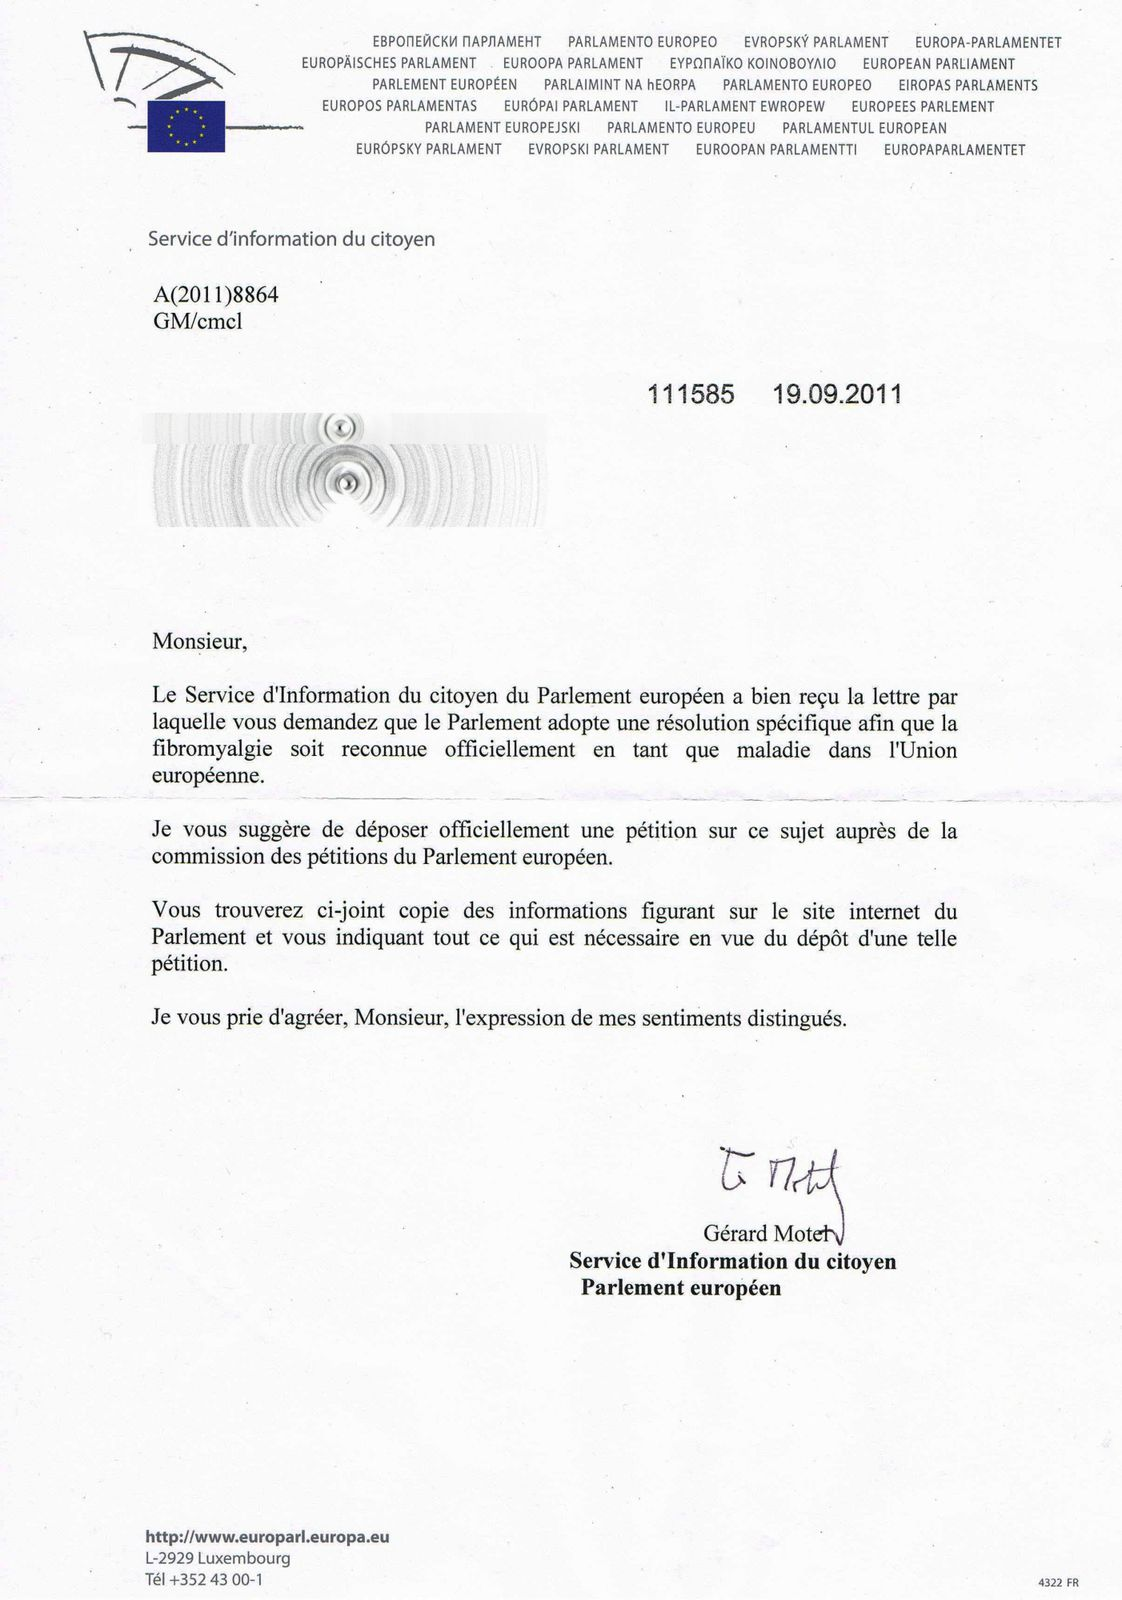 modele lettre de refus de reclassement suite inaptitude Entraide Fibromyalgie Ouest (E.F.O.35) modele lettre de refus de reclassement suite inaptitude